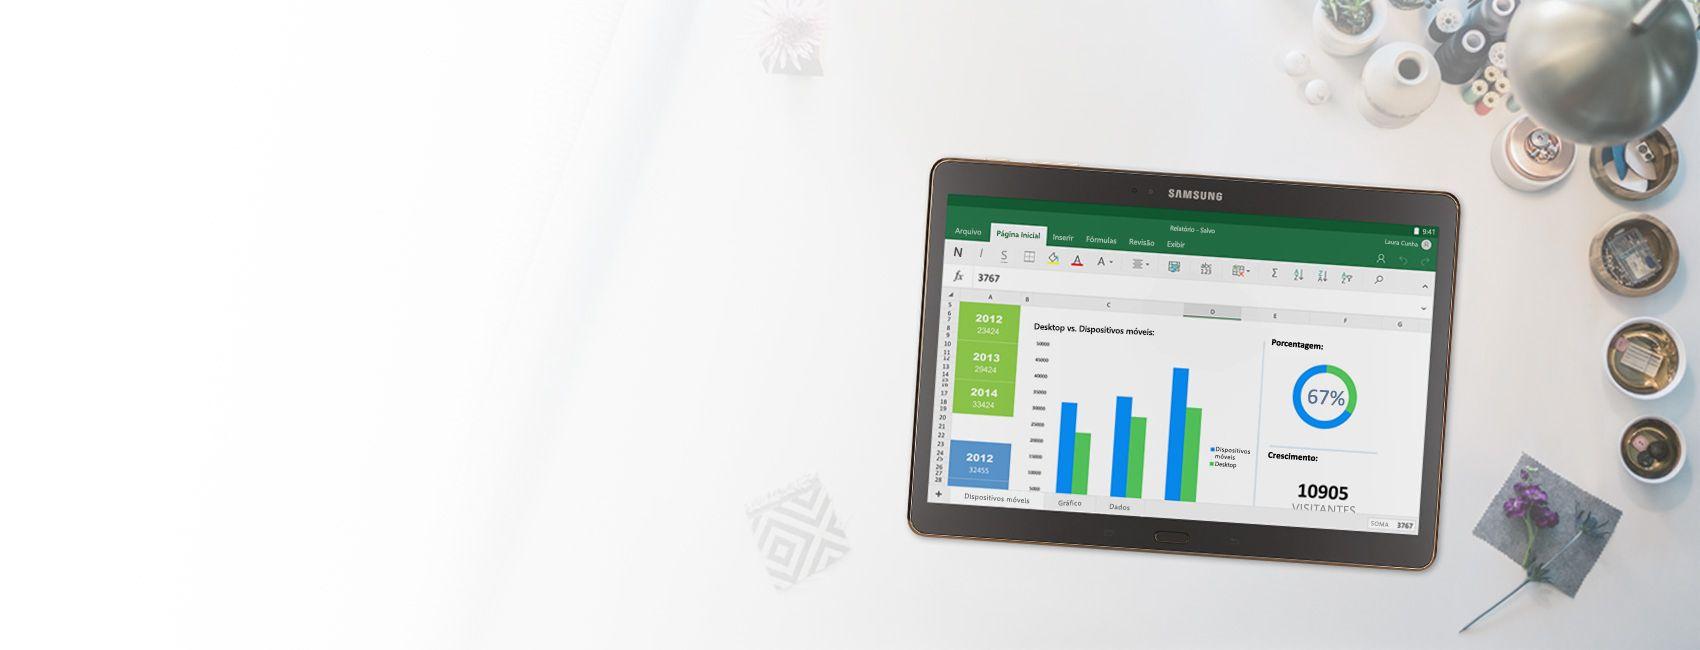 Tablet mostrando gráficos em um relatório do Excel